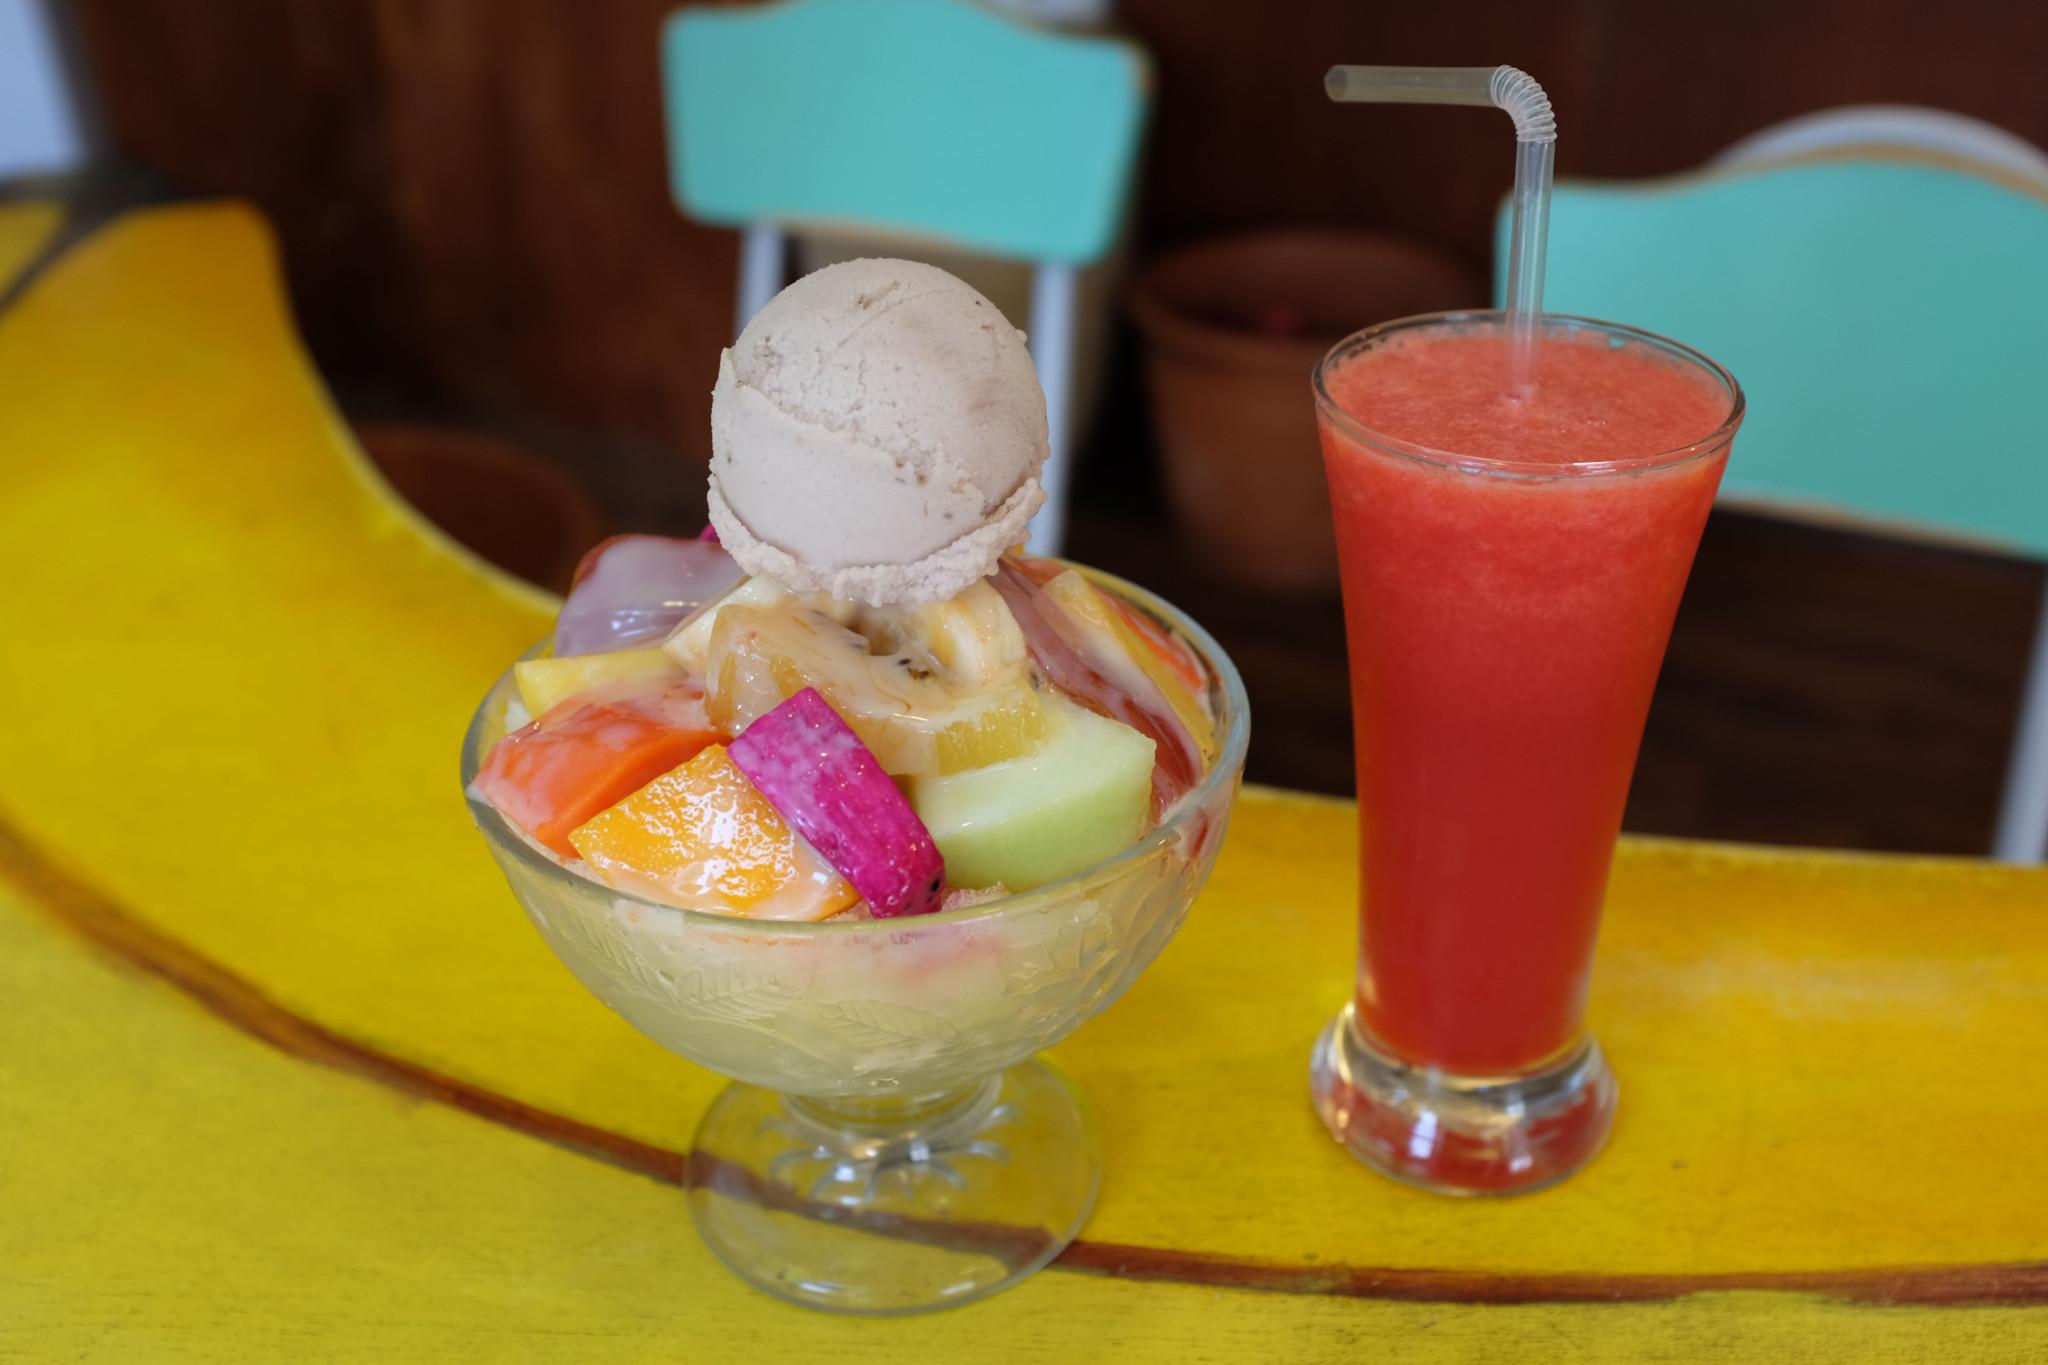 フルーツかき氷(190台湾$)、スイカジュース(80台湾$)。